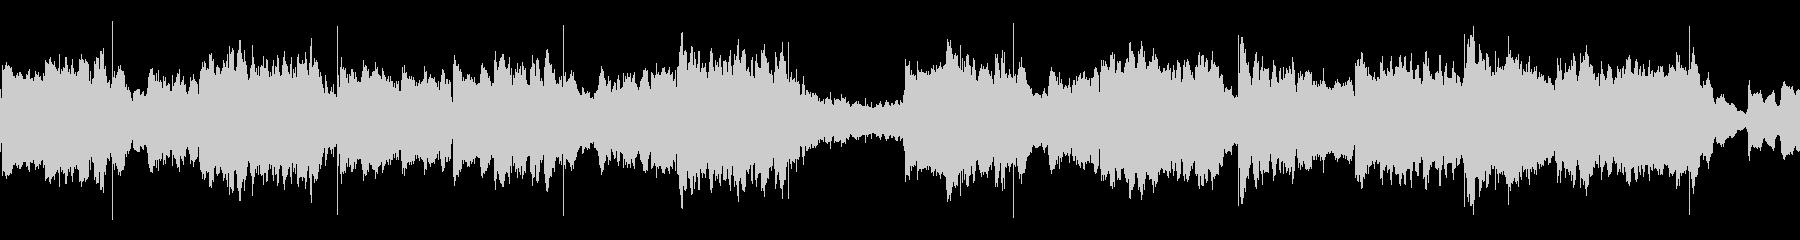 琴と尺八の、シンプルなお正月のBGMの未再生の波形